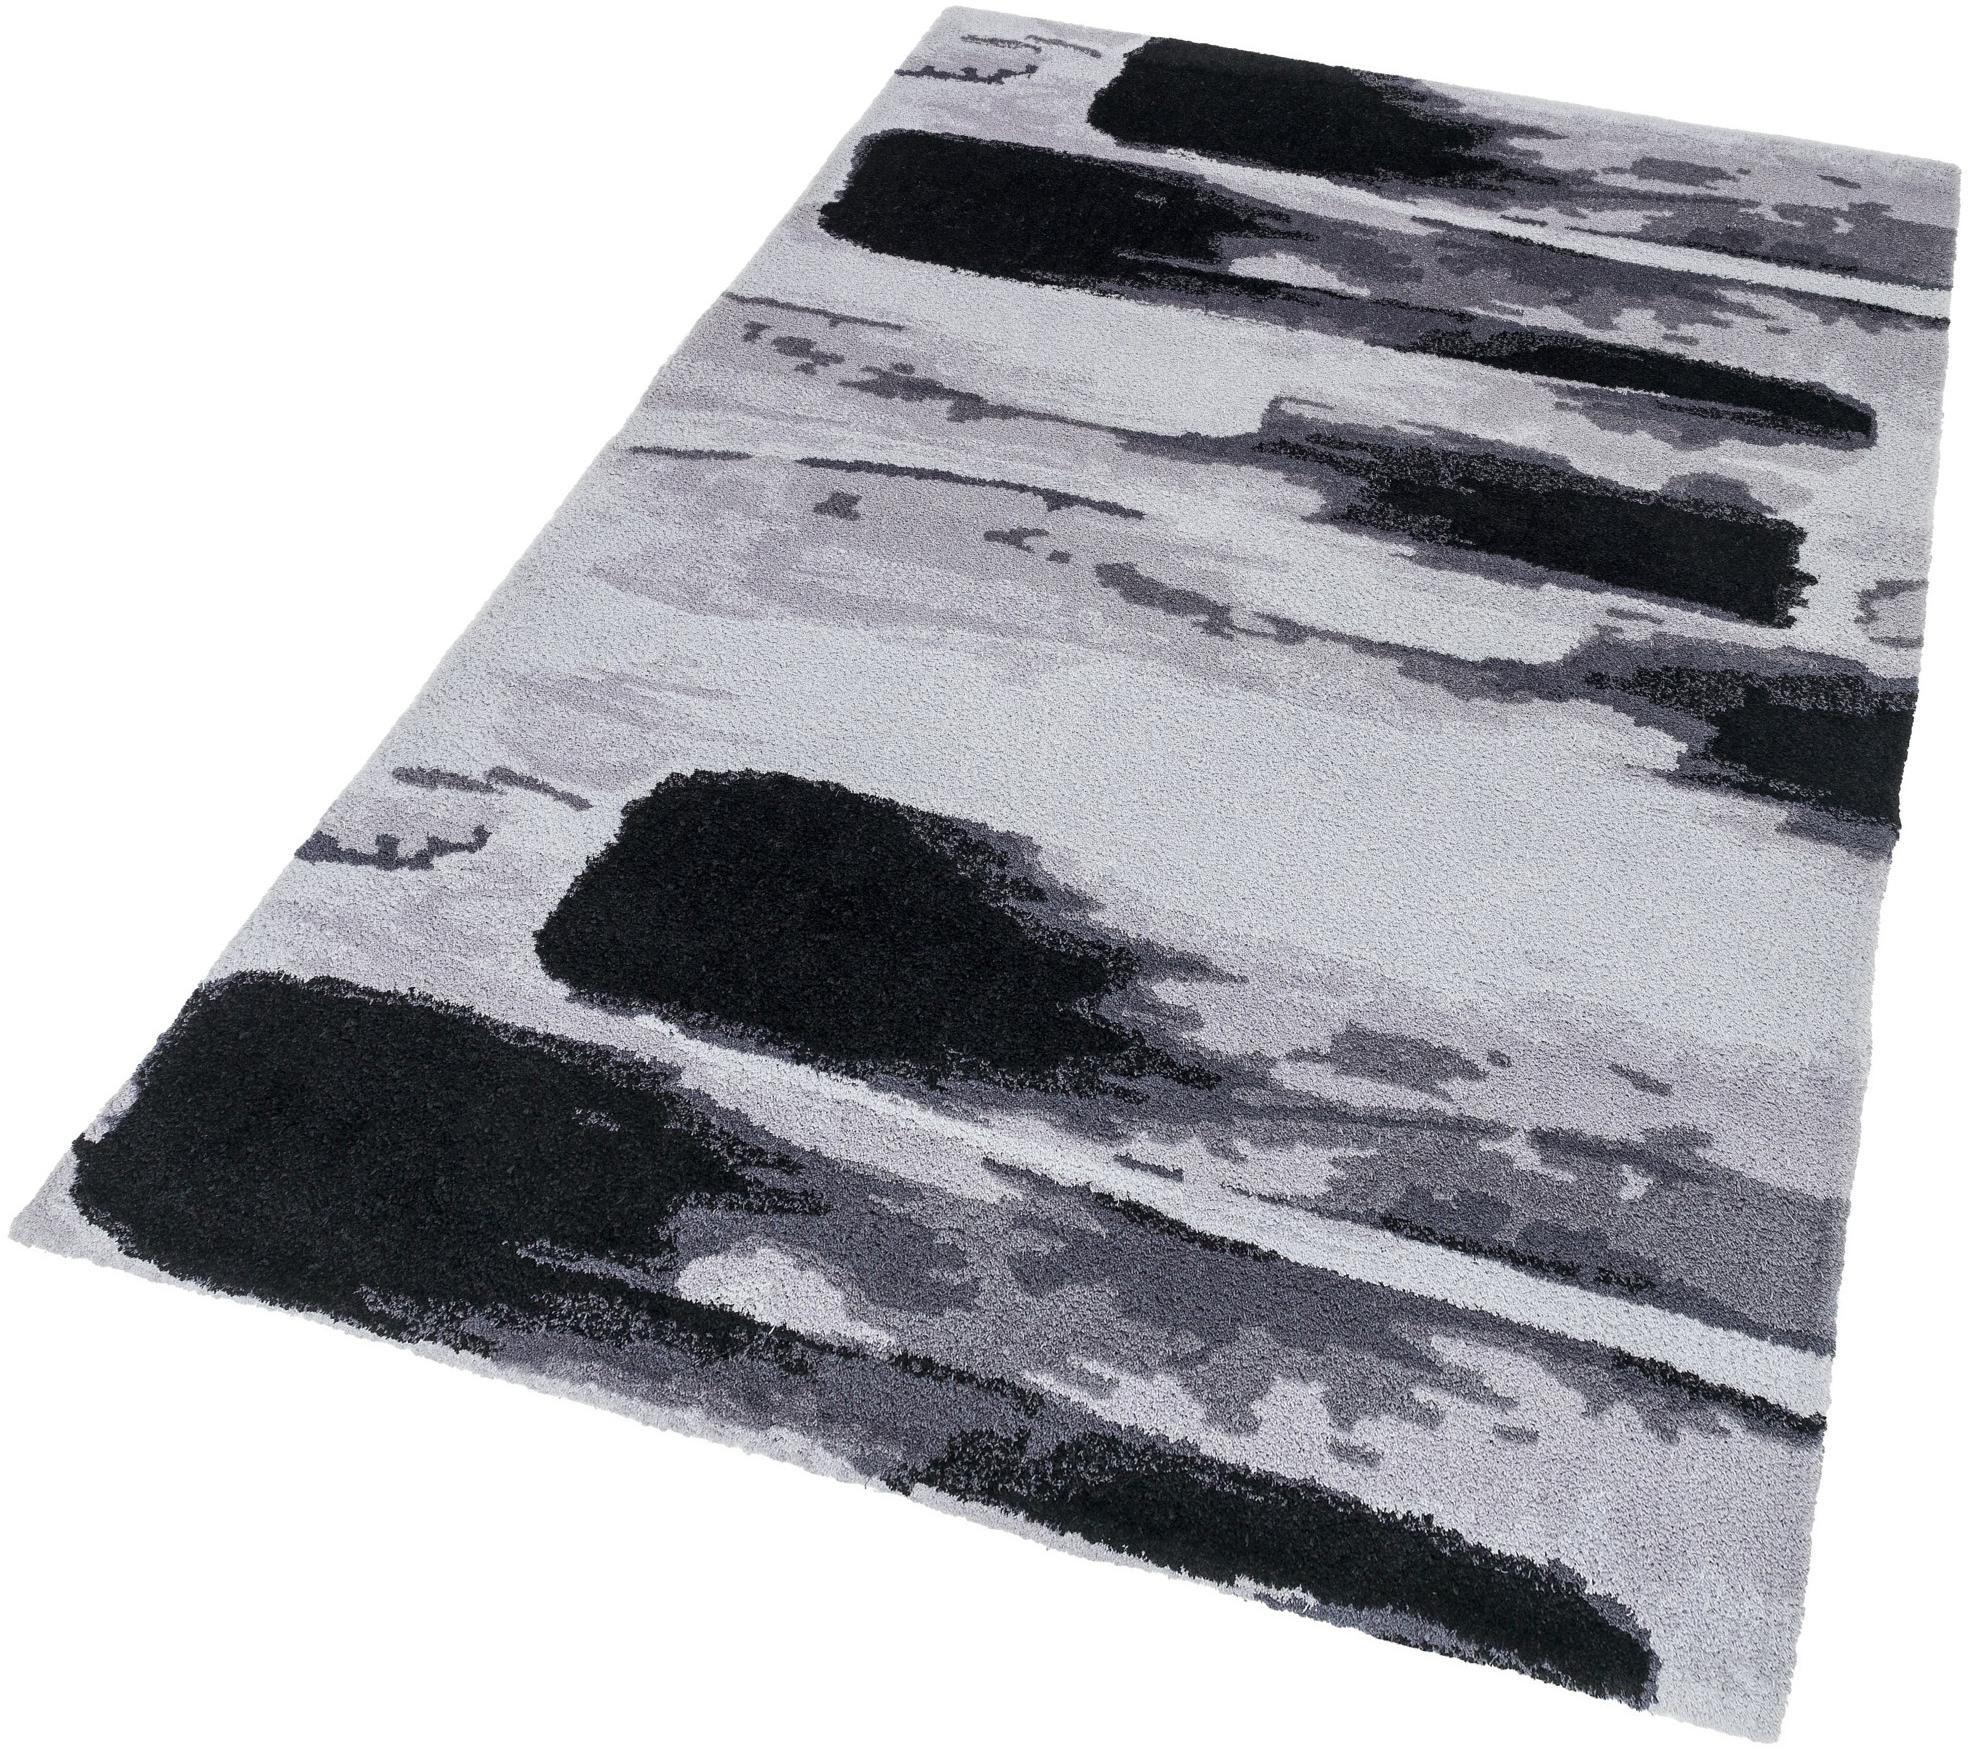 ASTRA Hochflor-Teppich, Astra, »Verona Brush«, Höhe 25 mm, getuftet